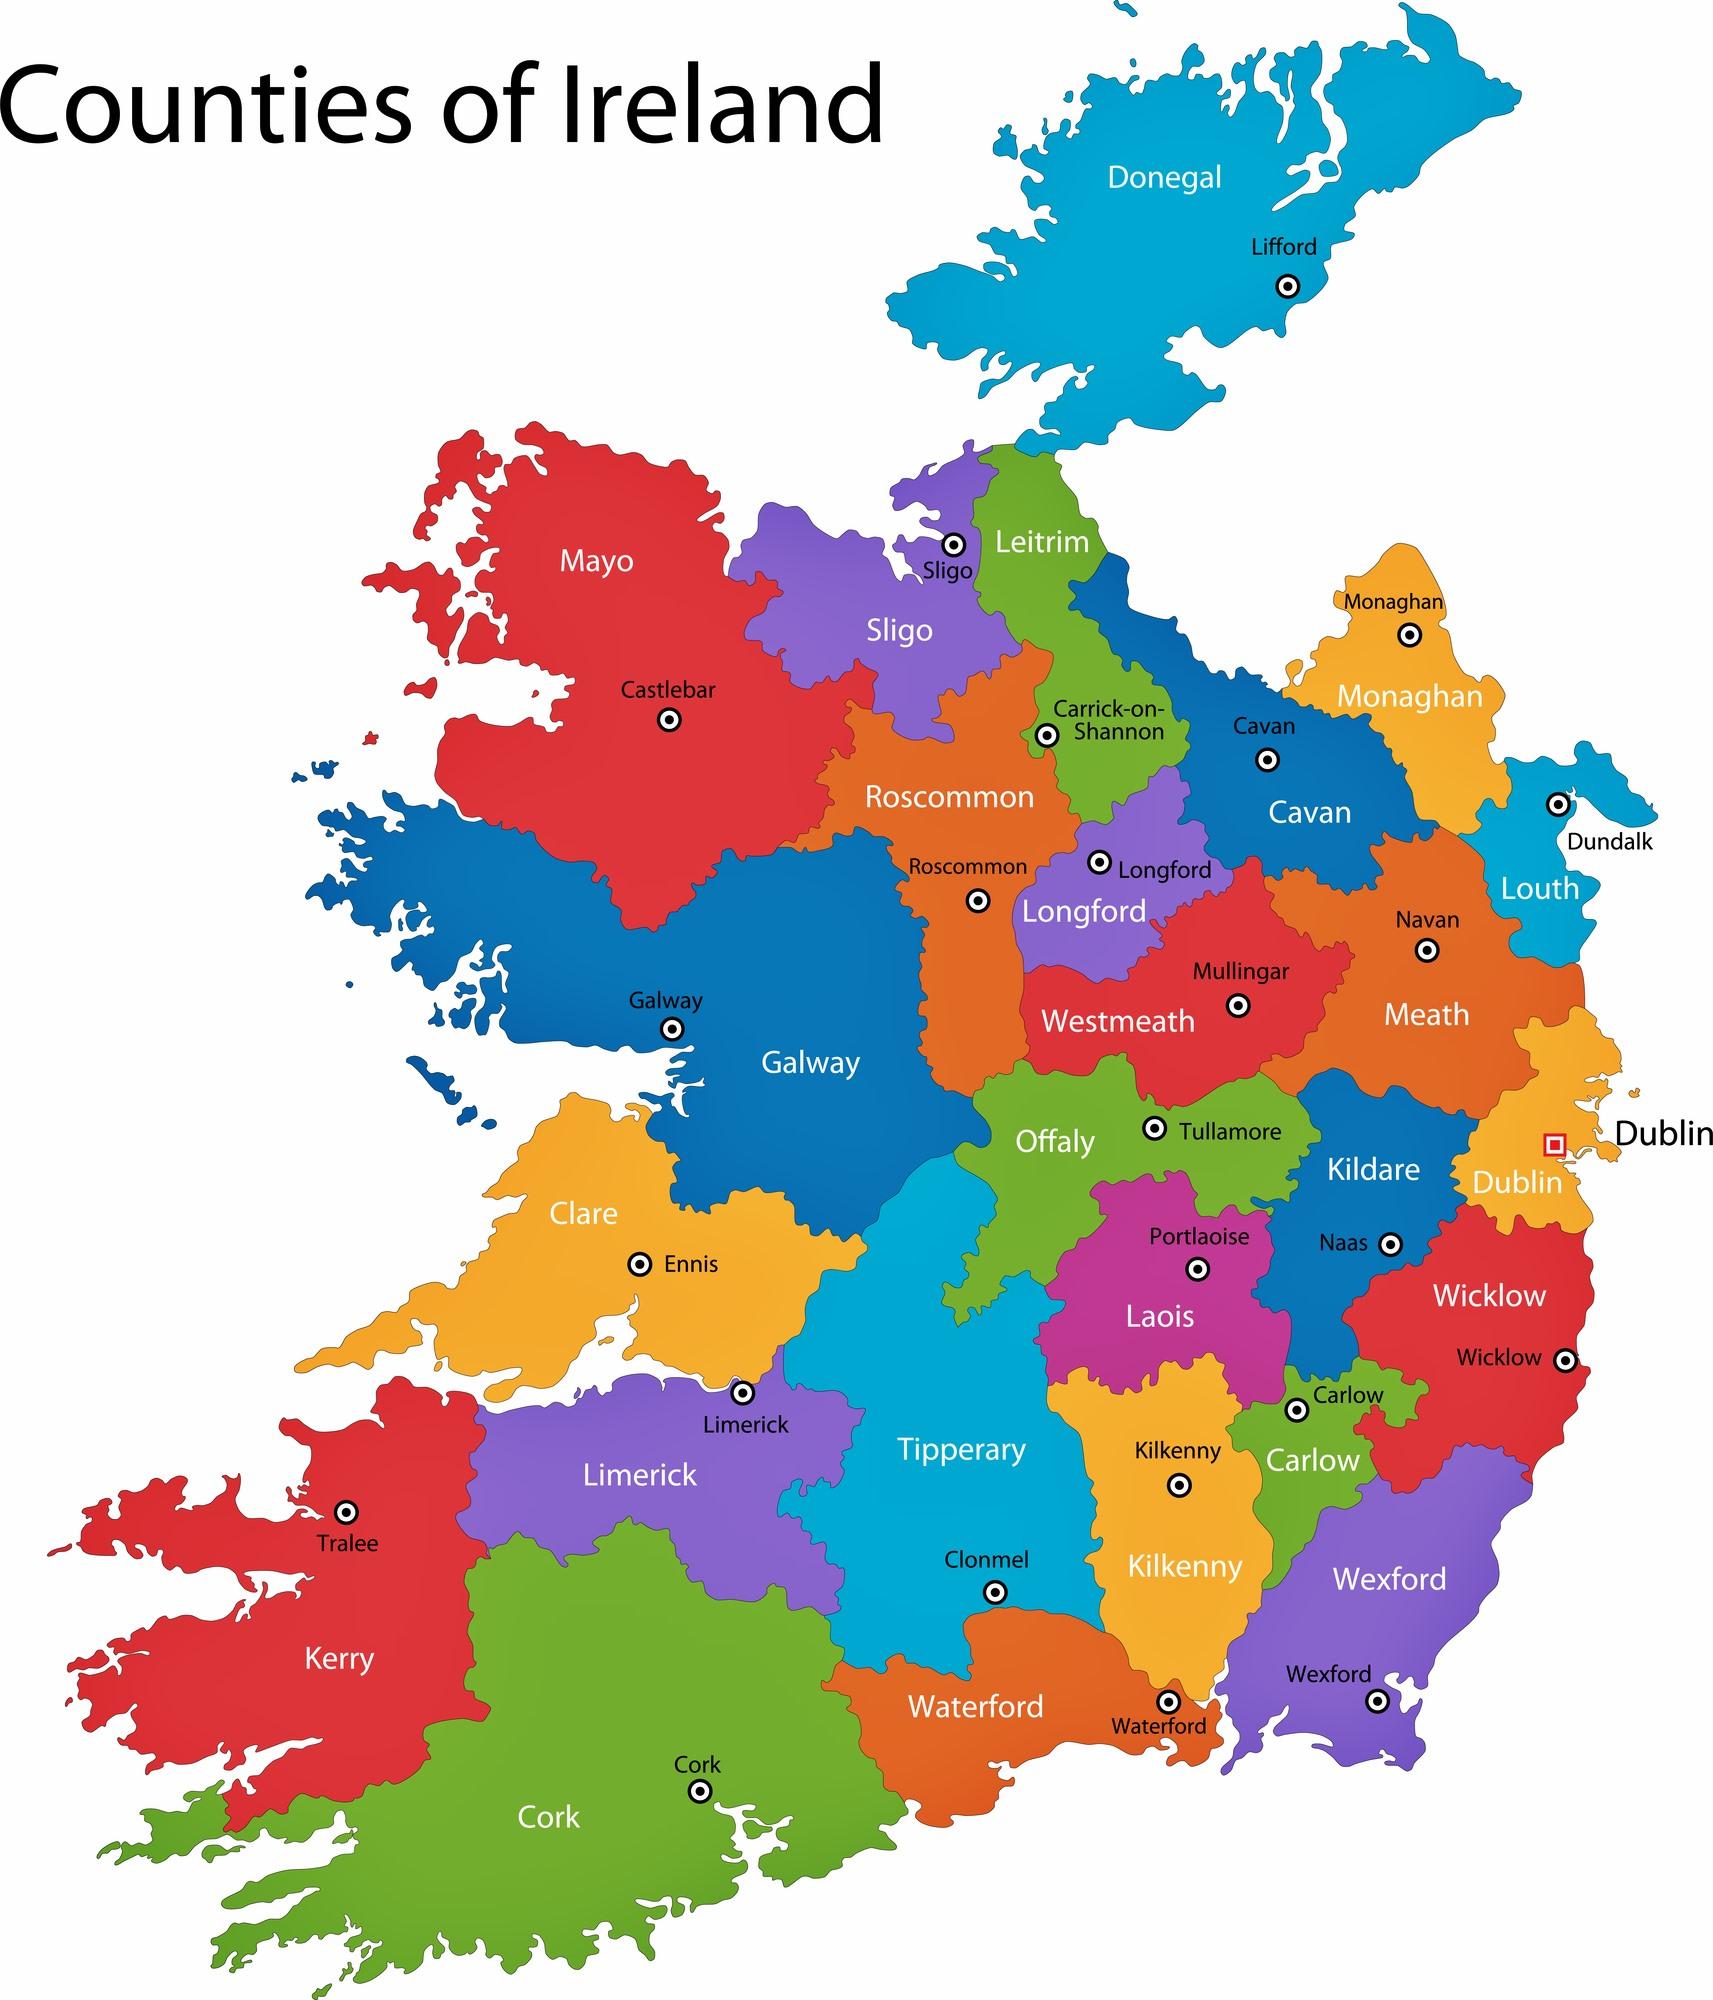 irland regionen karte Irland Karte der Regionen und Provinzen   OrangeSmile.com